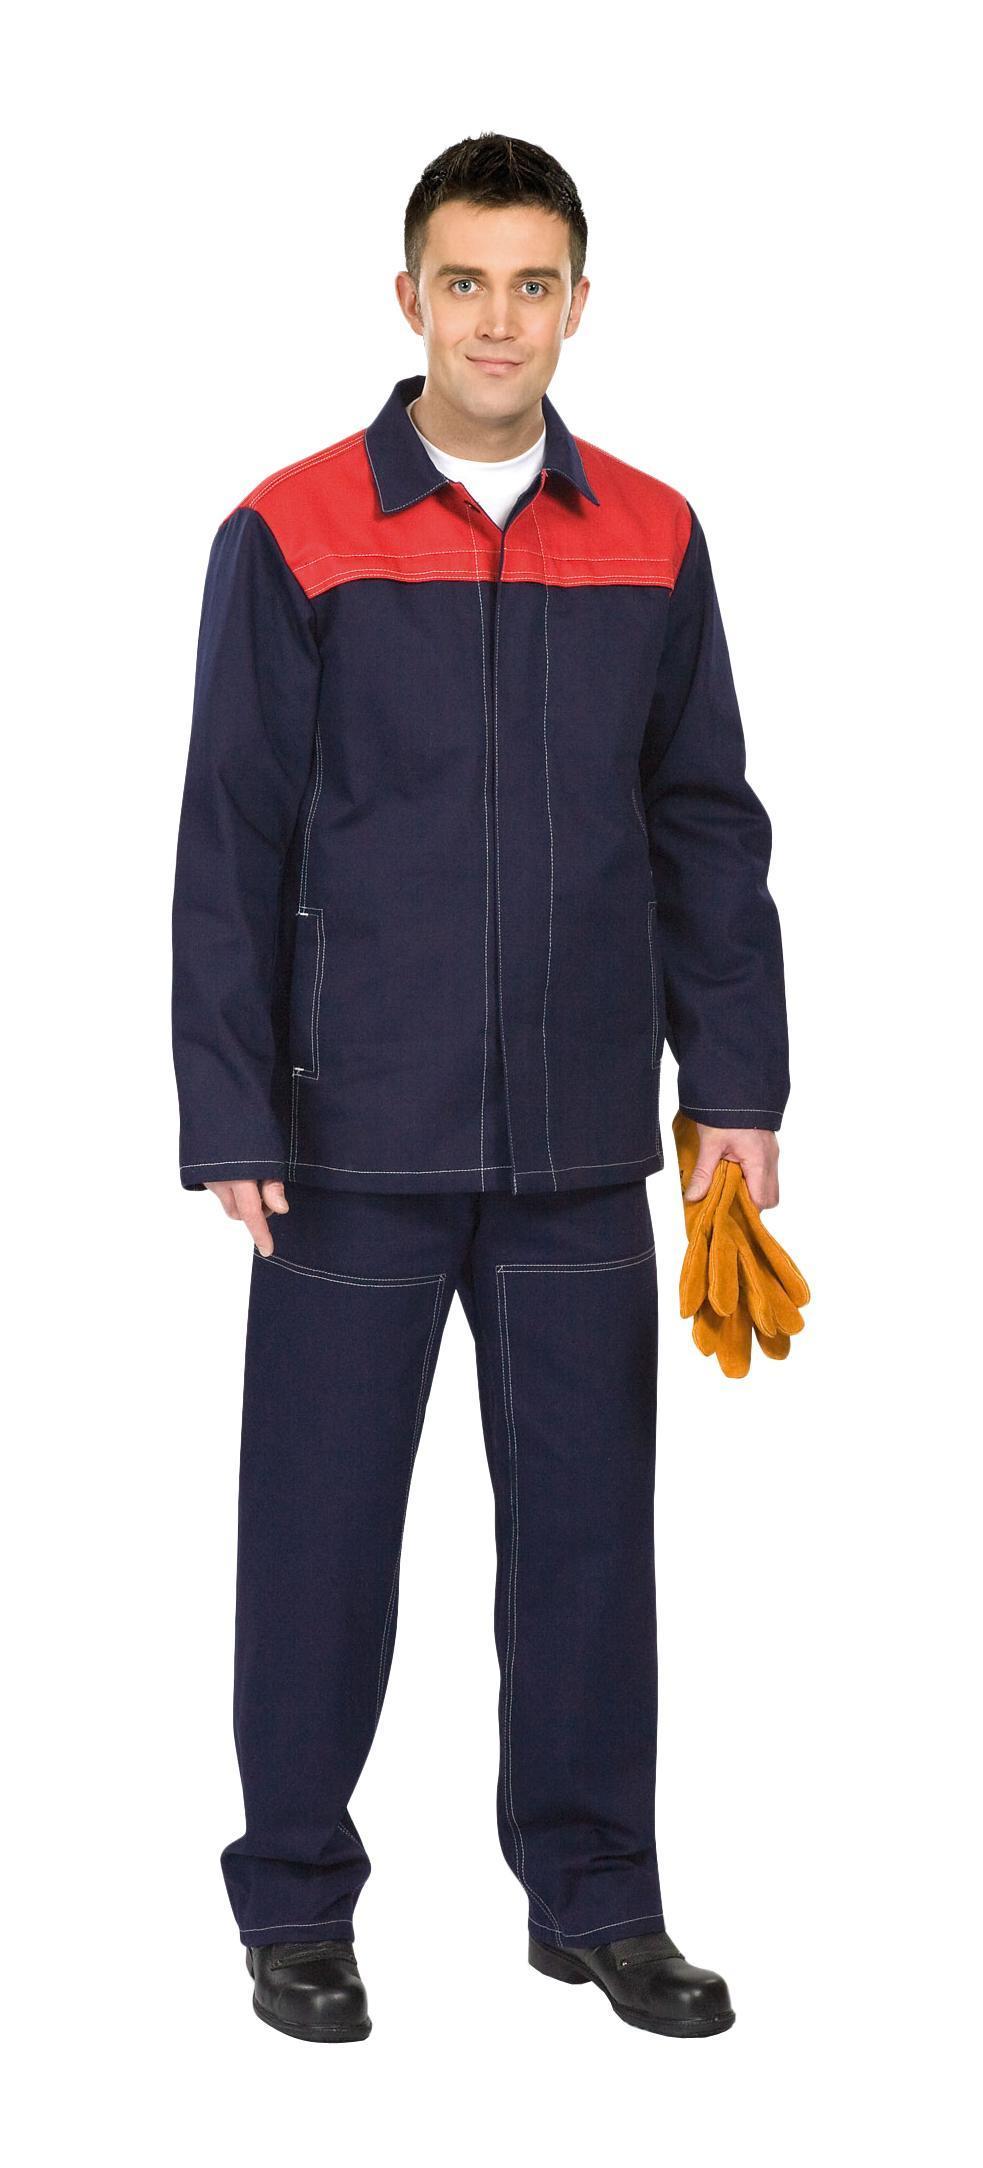 Костюм рабочий мужской летний ТЕХНОАВИАКостюмы<br>Размер: 88-92/158-164,<br>Пол: мужской,<br>Сезон: лето,<br>Материал: хлопок,<br>Плотность ткани: 335,<br>Цвет костюма: т.синий<br>